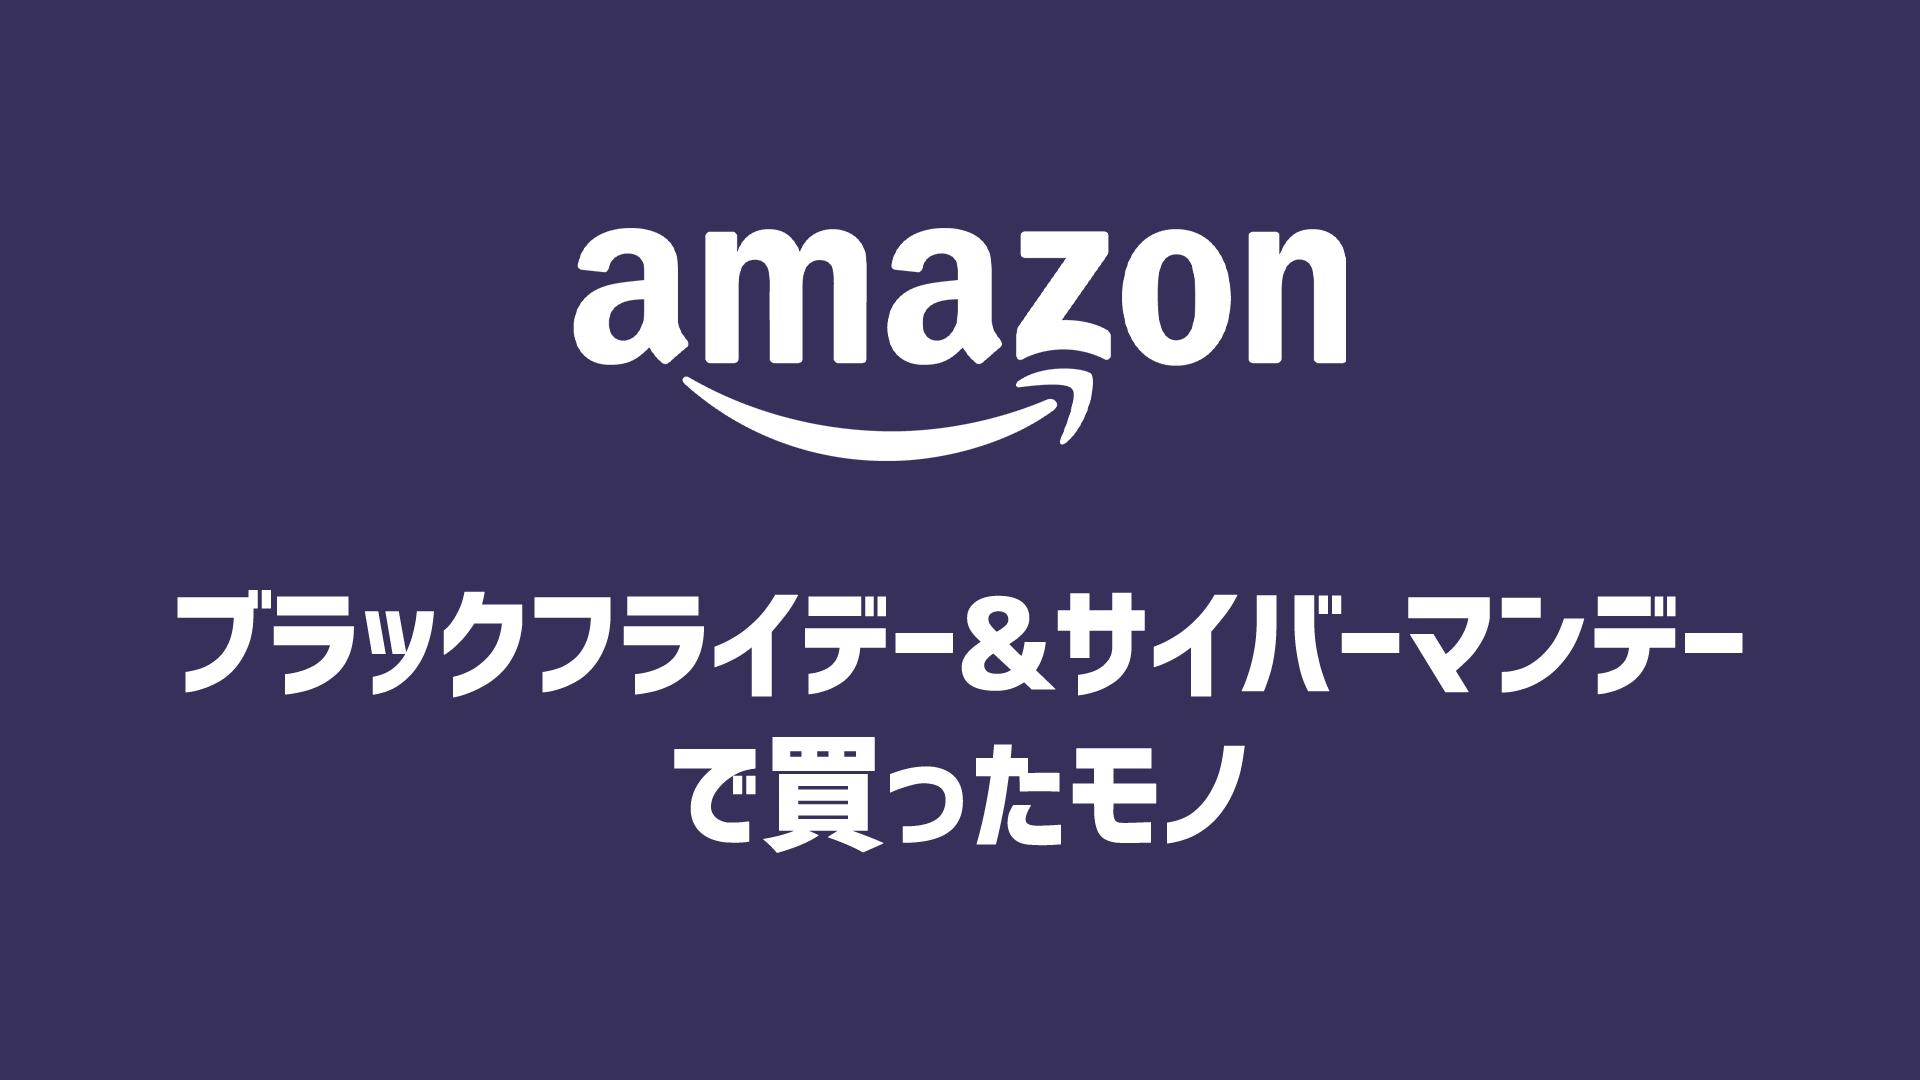 Amazon ブラックフライデー&サイバーマンデーで実際に買ったモノまとめ【随時更新】